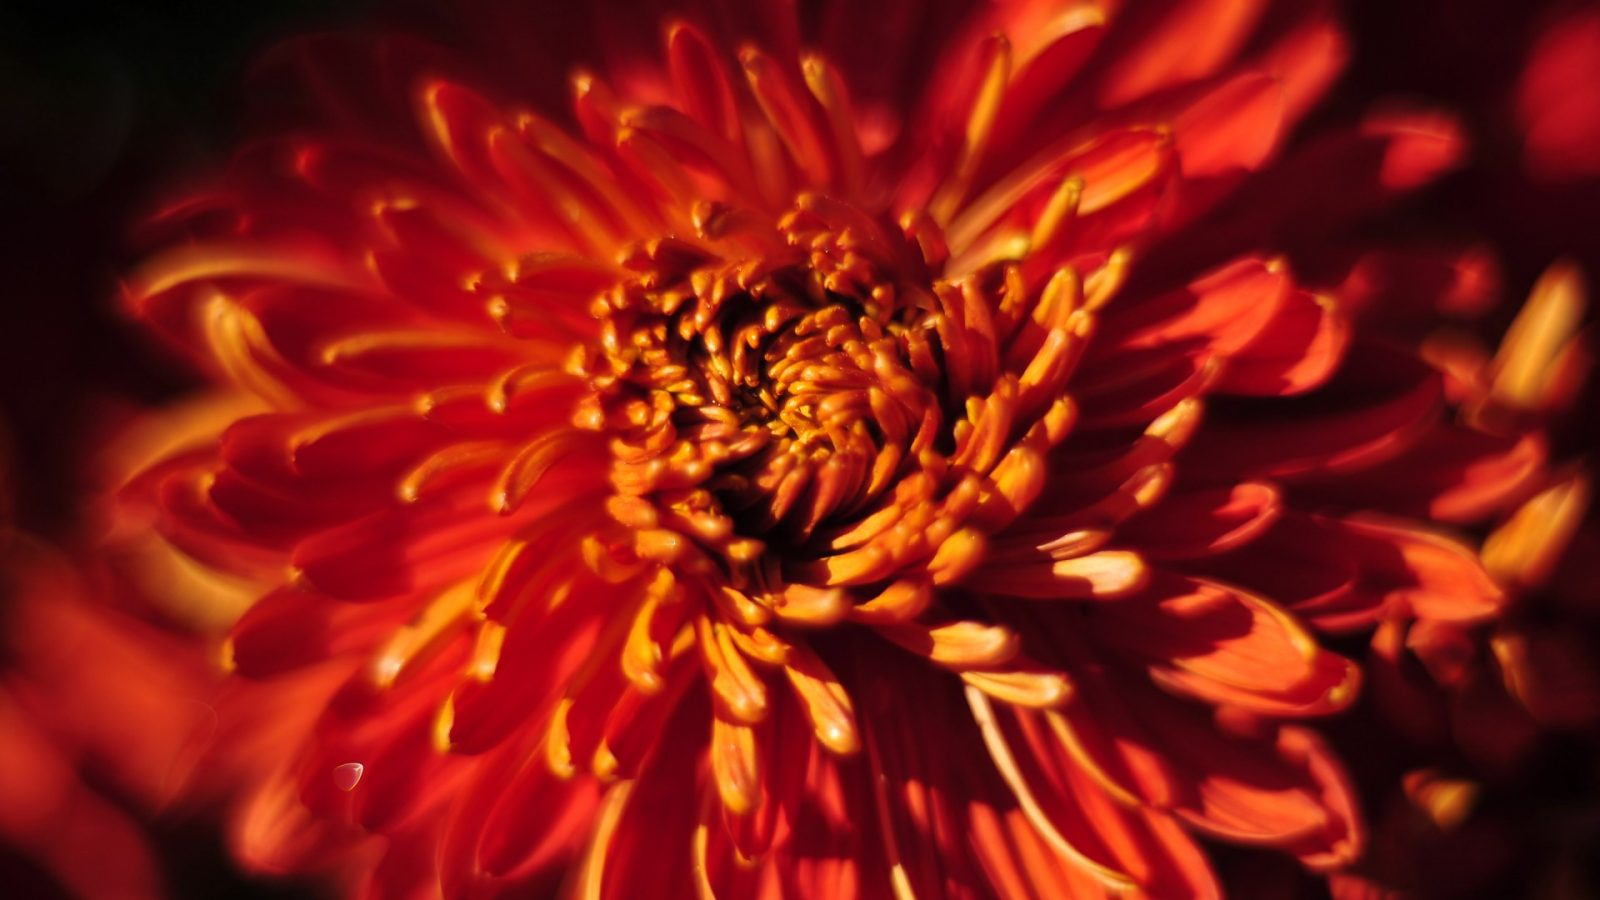 crisantemo rojo im225genes y fotos